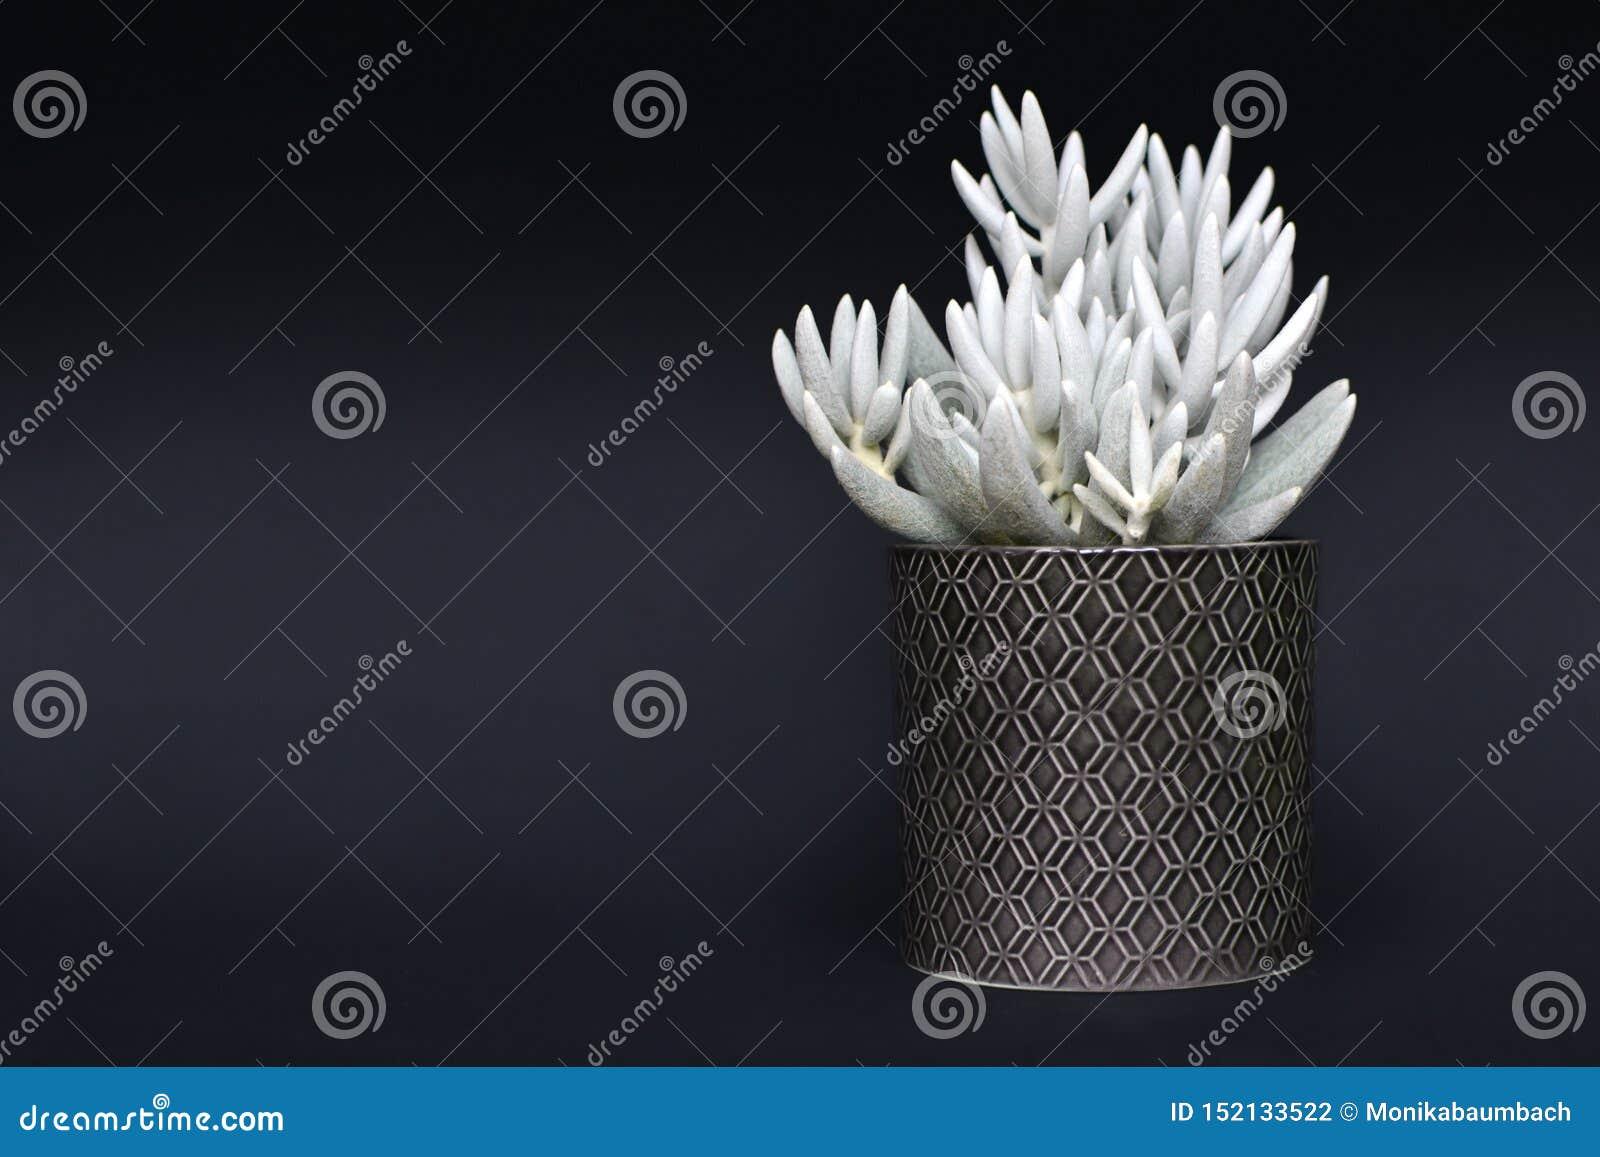 Biały Senecio Haworthii sukulent puszkował rośliny na ciemnym tle